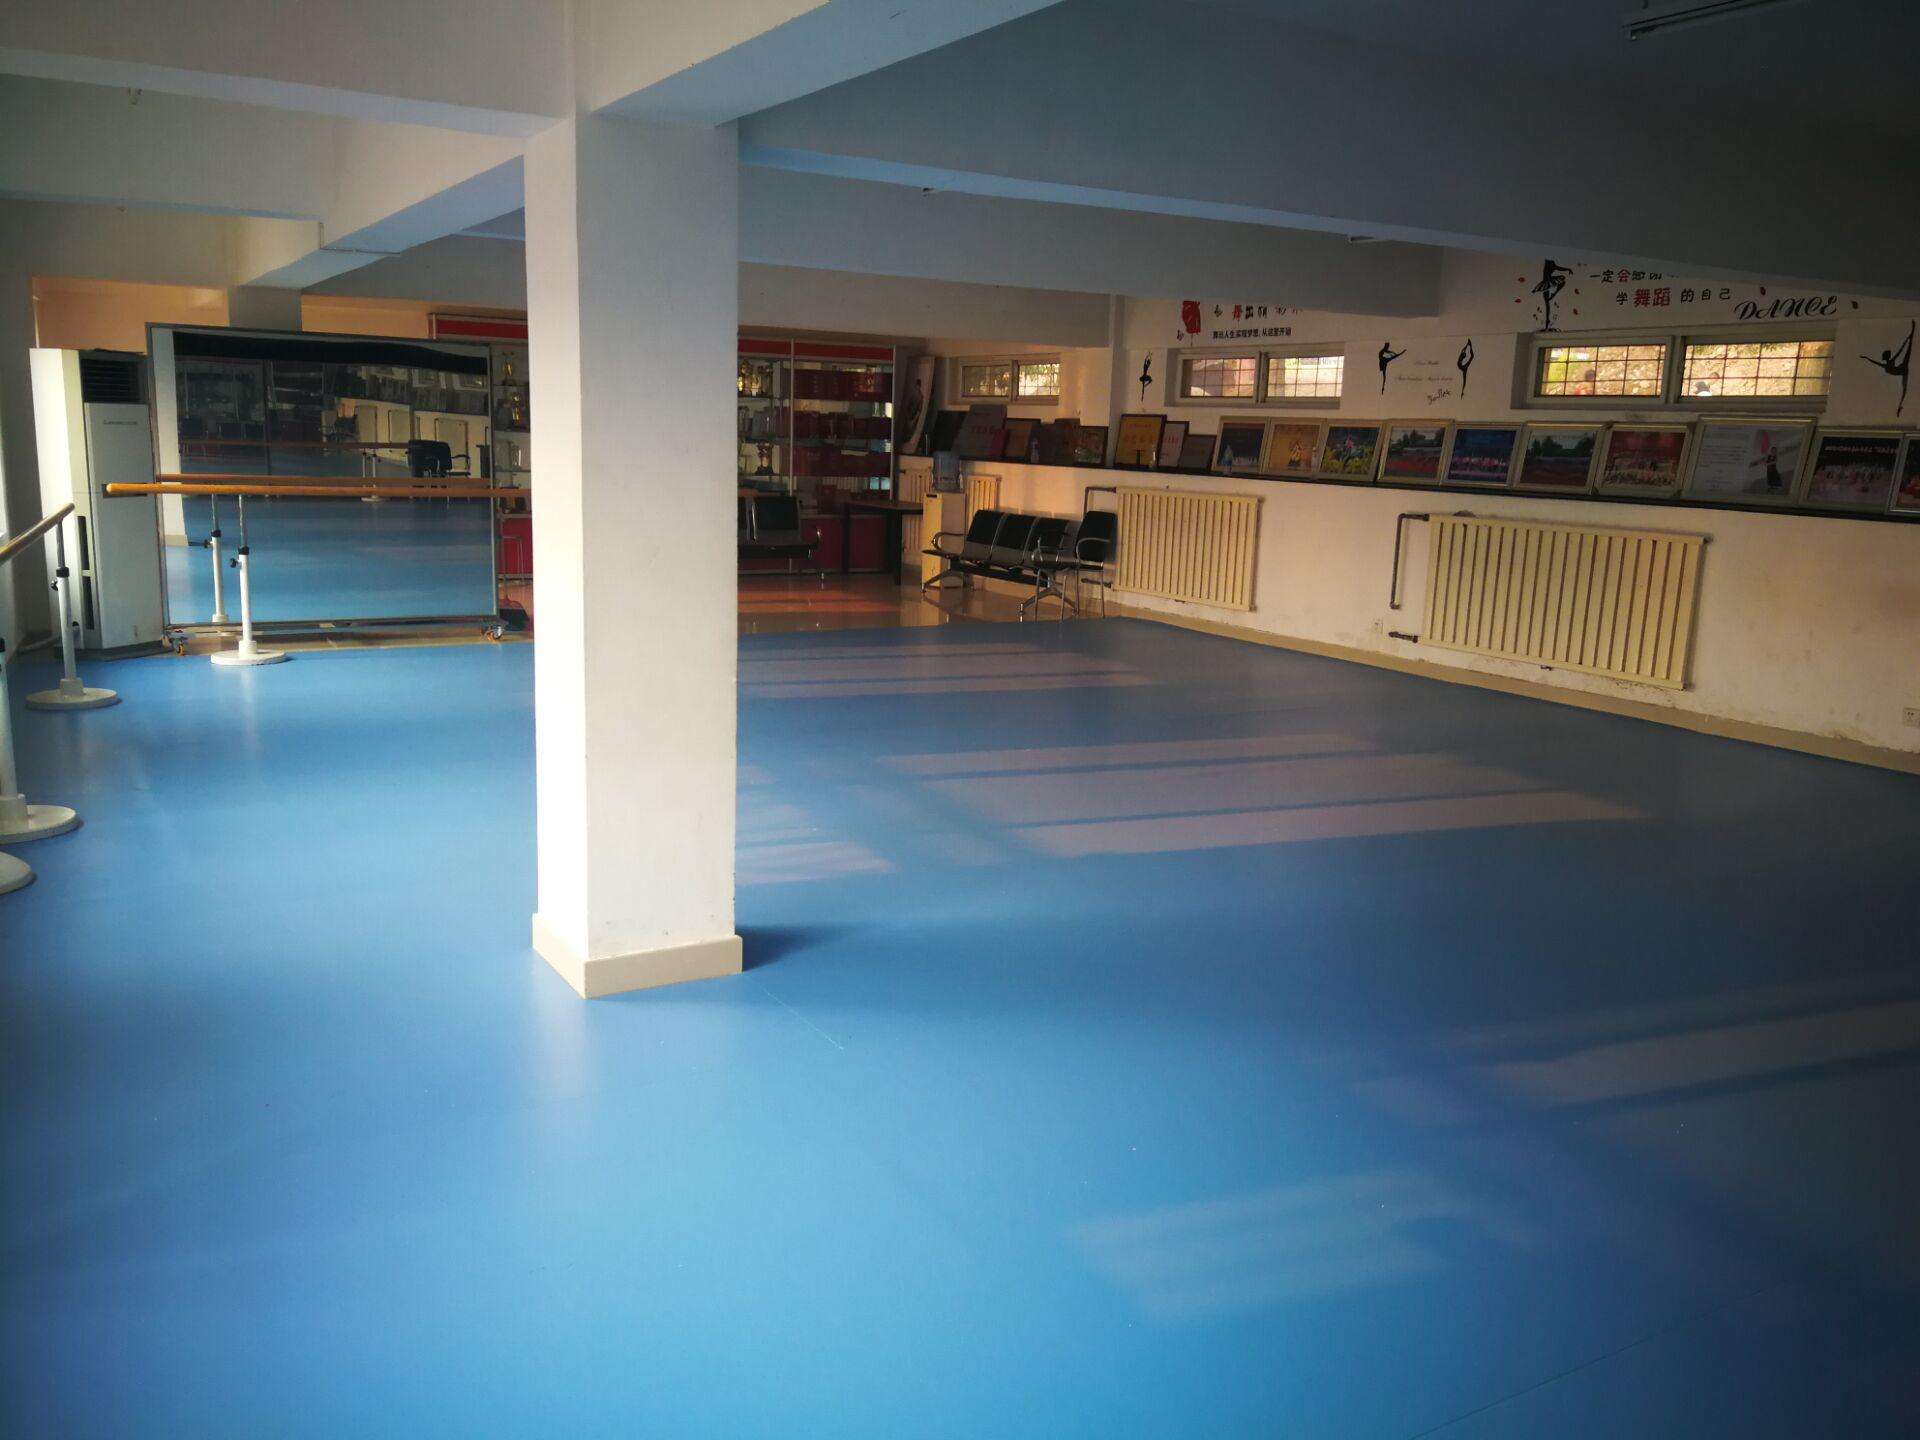 天津舞蹈形体房地胶施工舞蹈教室装修